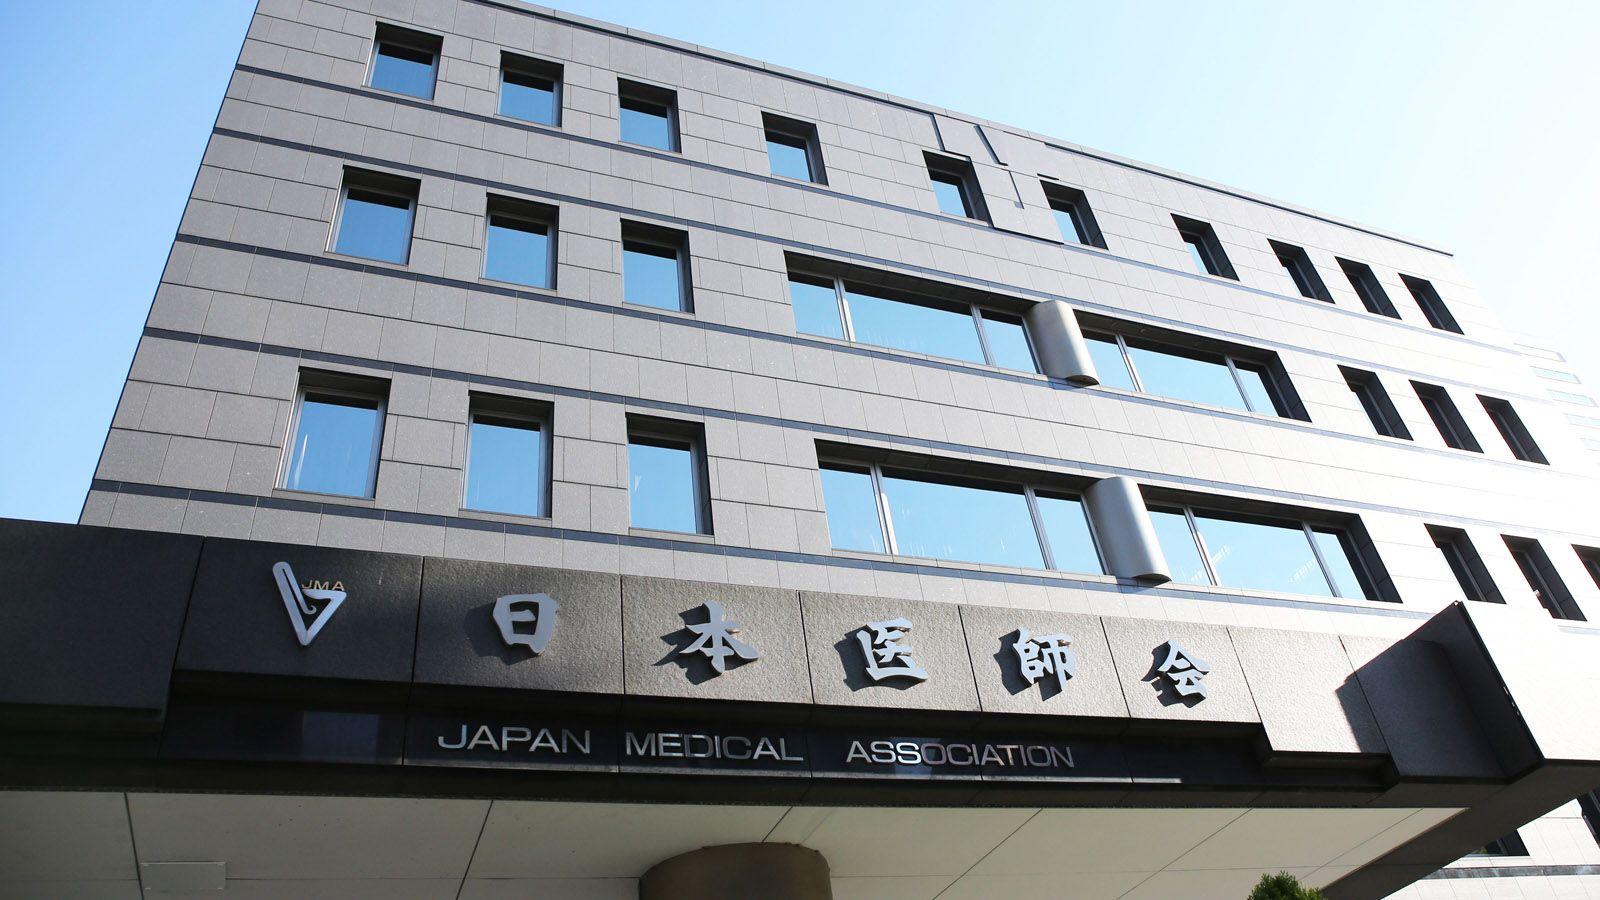 釜 萢 日本 医師 会 日本医師会役員紹介 日本医師会 日本医師会